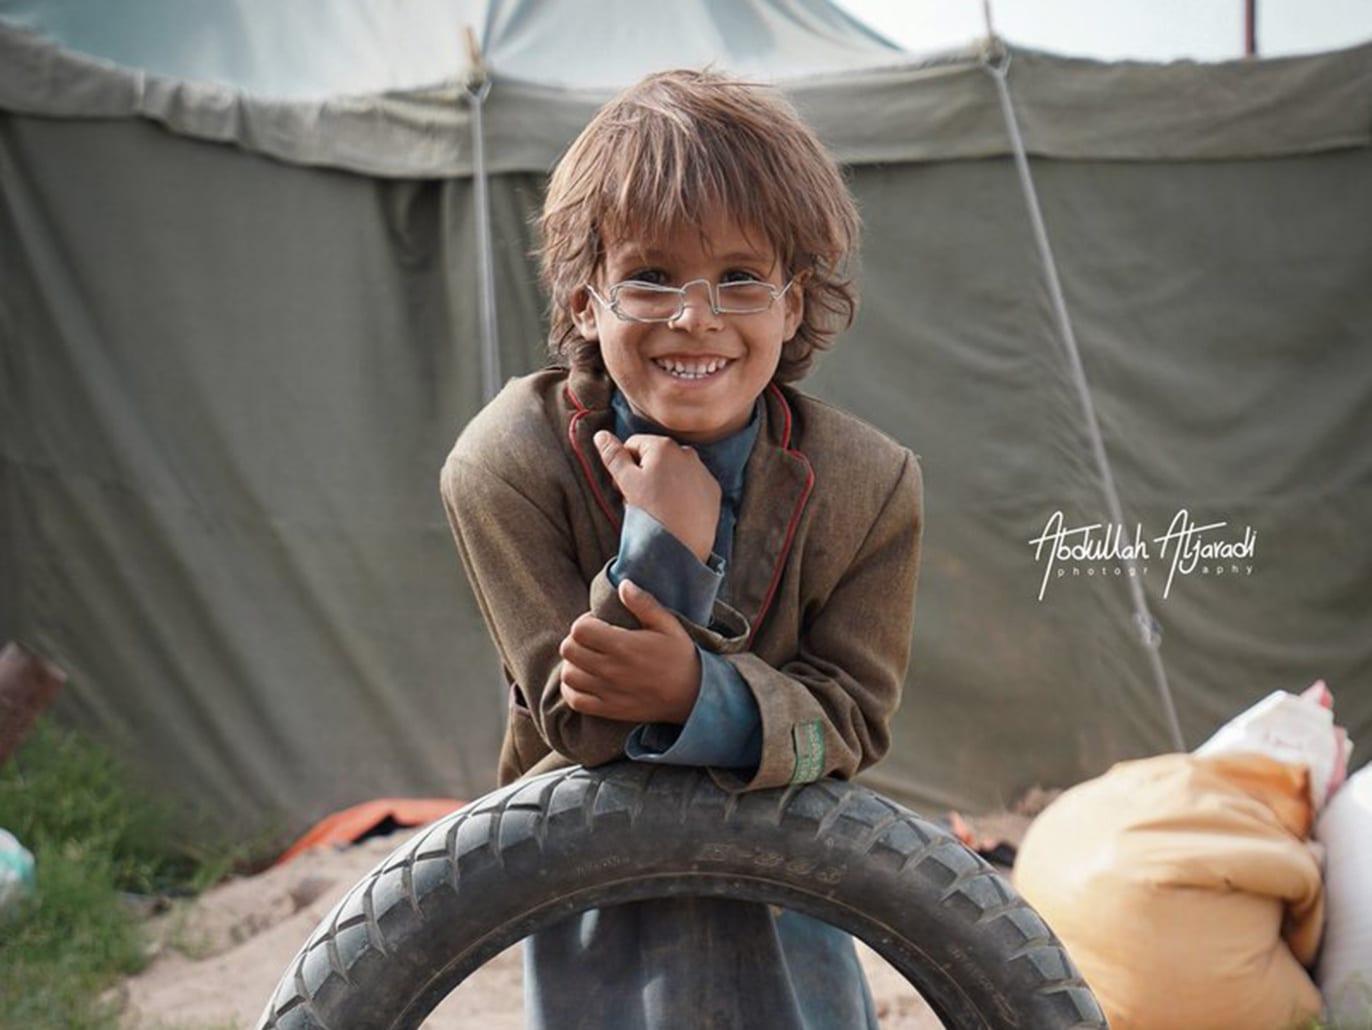 نظارة الطفل محمد تسعد أقرانه من النازحين في مأرب